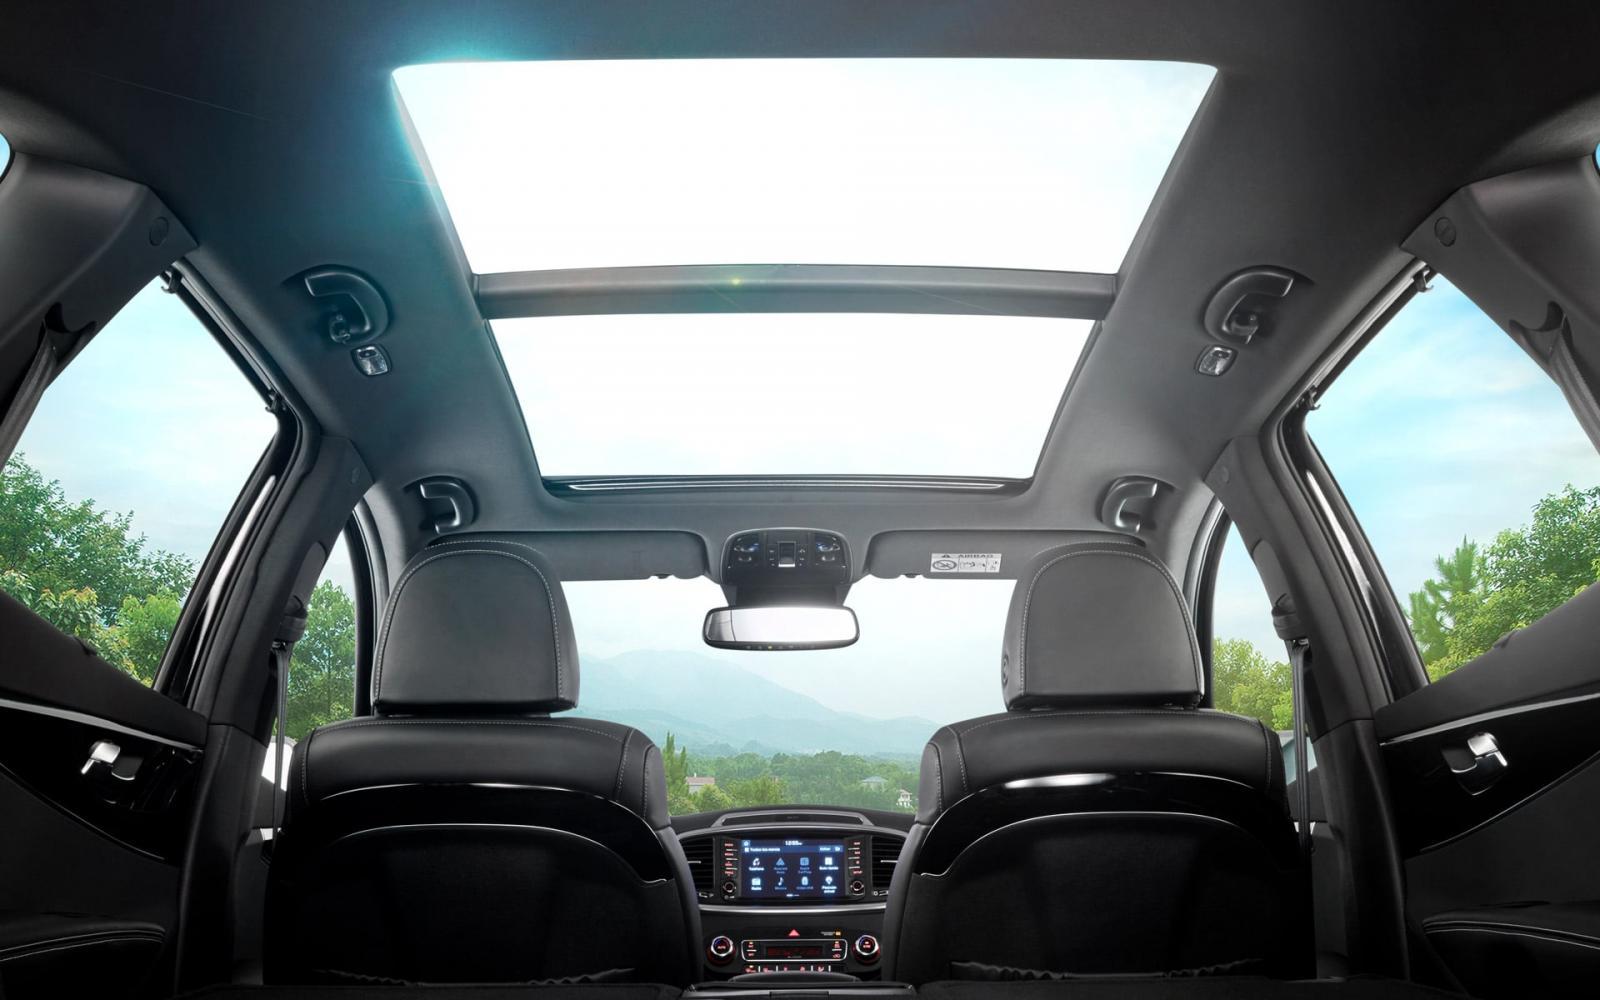 La Kia Sorento SXL AWD 2019 tiene una cabina muy amplia y con buena distribución del espacio